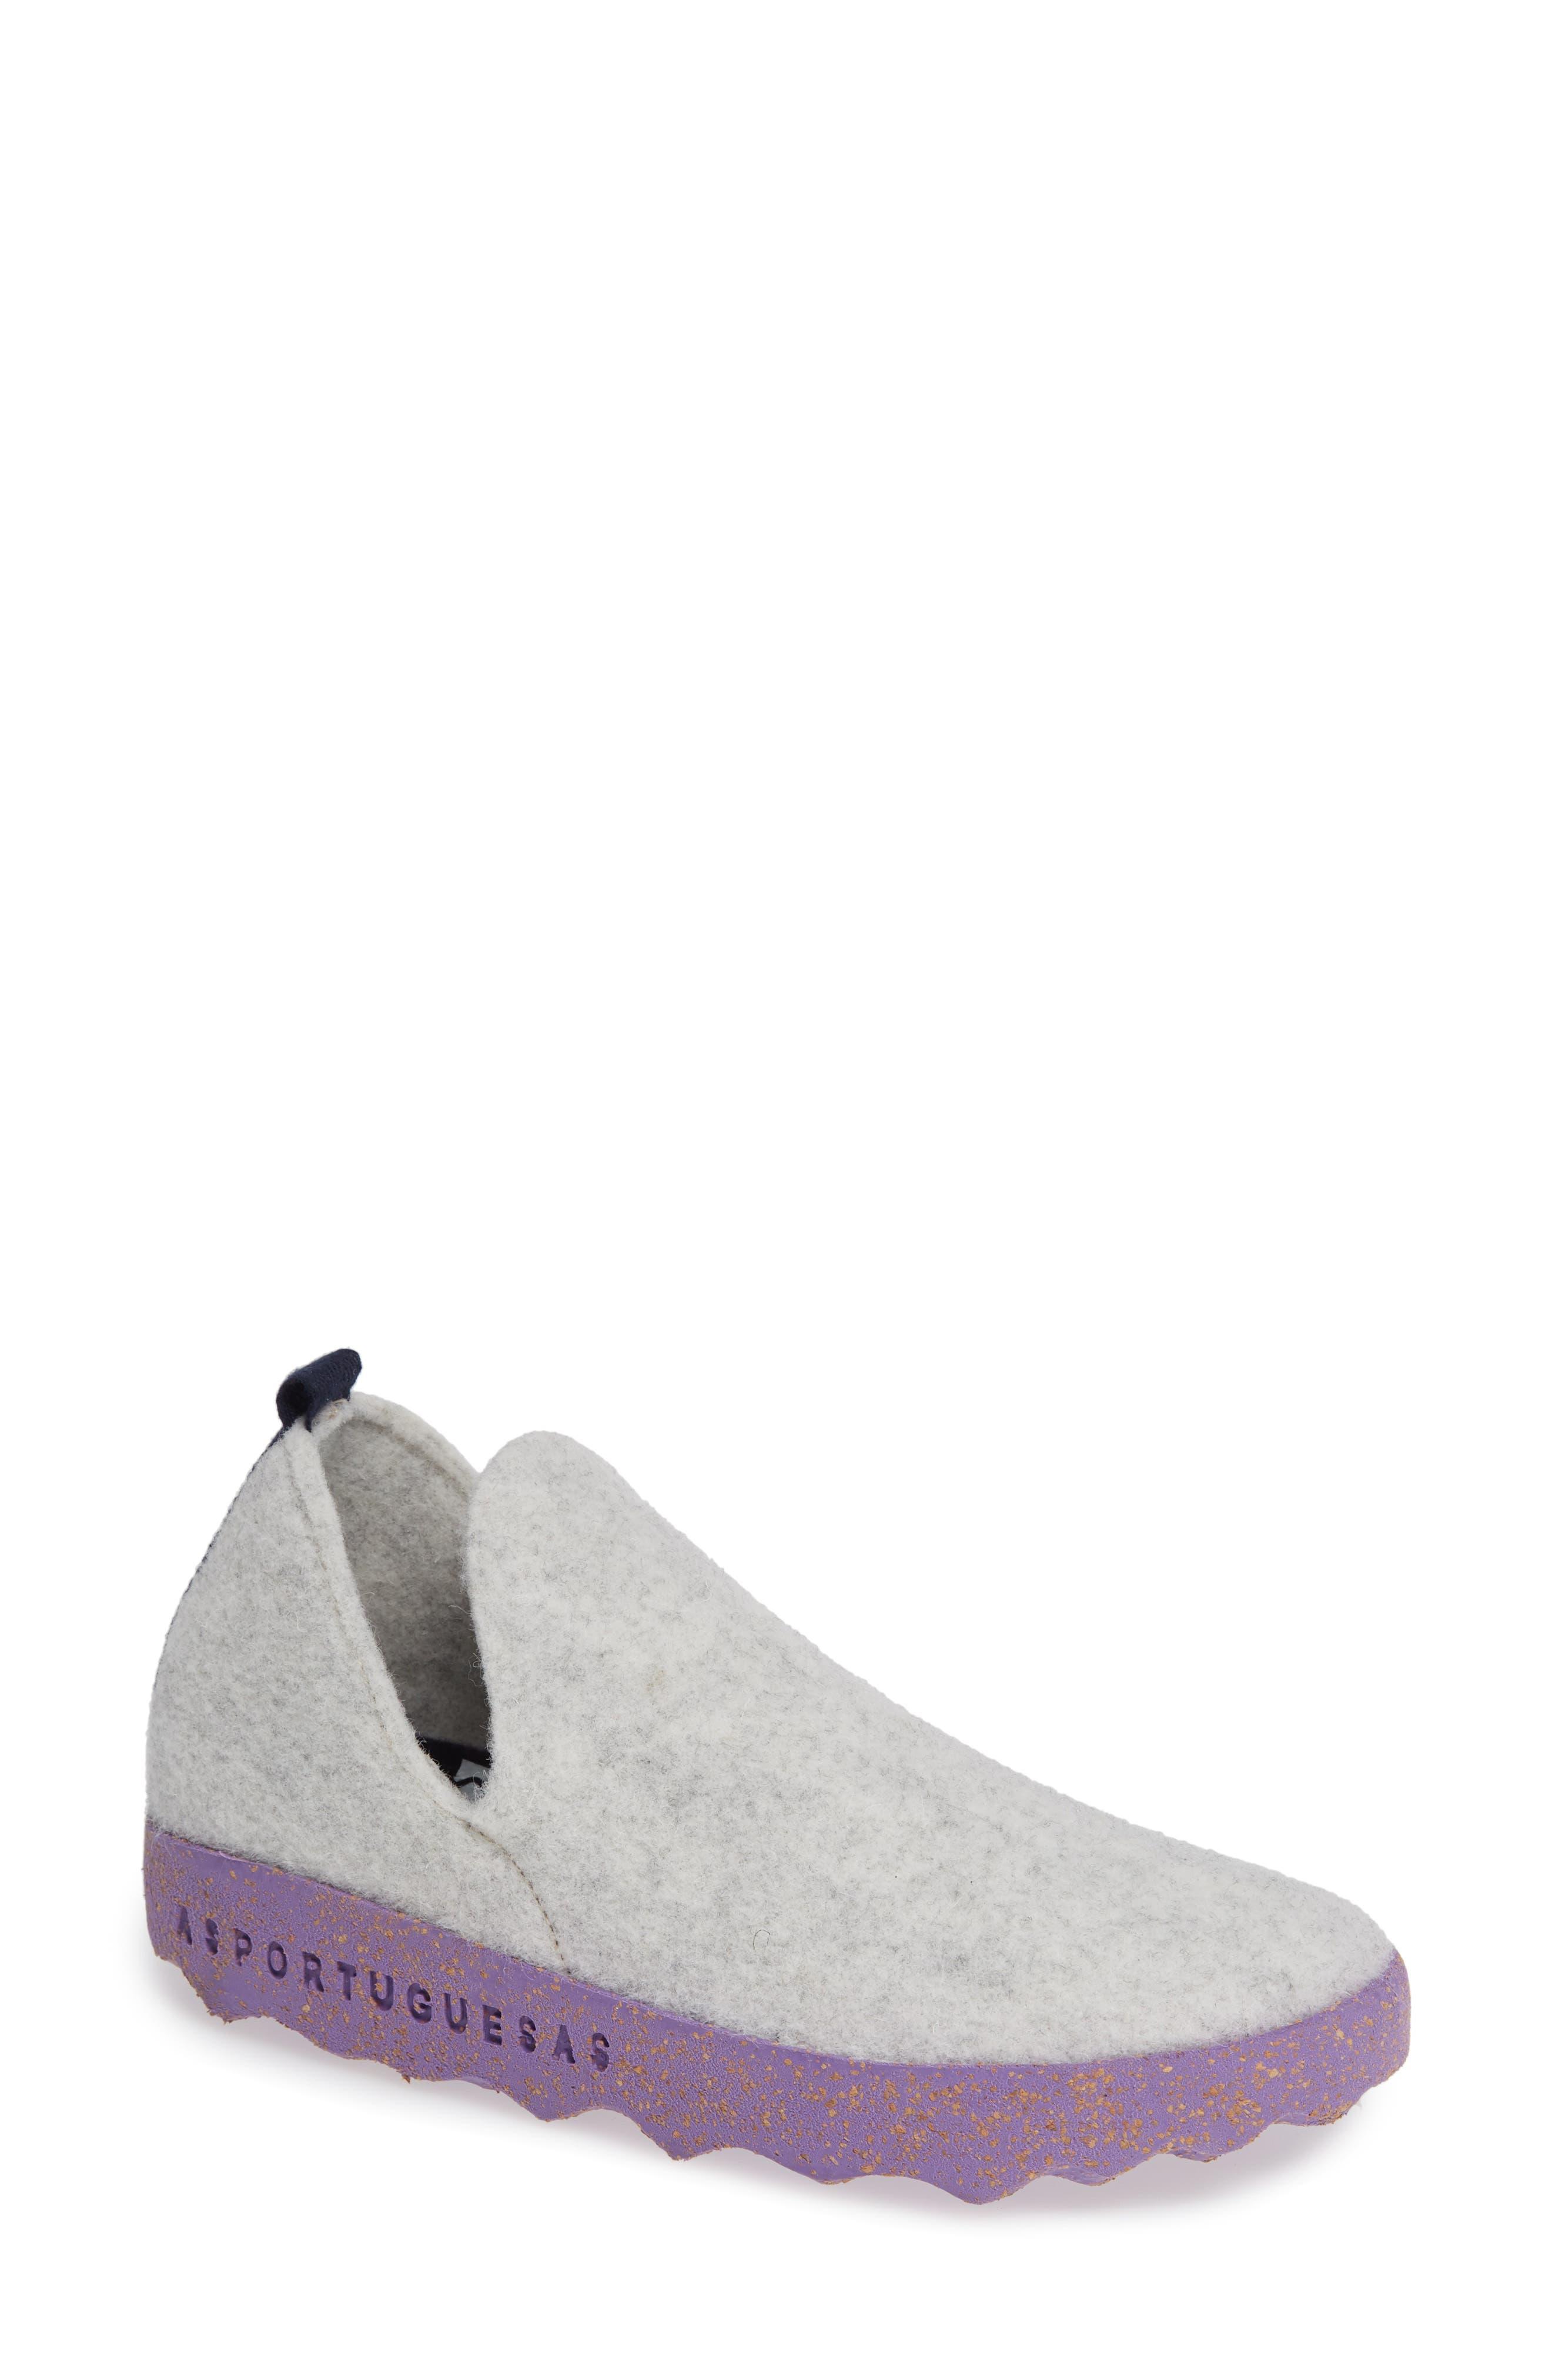 Asportuguesas By Fly London City Sneaker - White